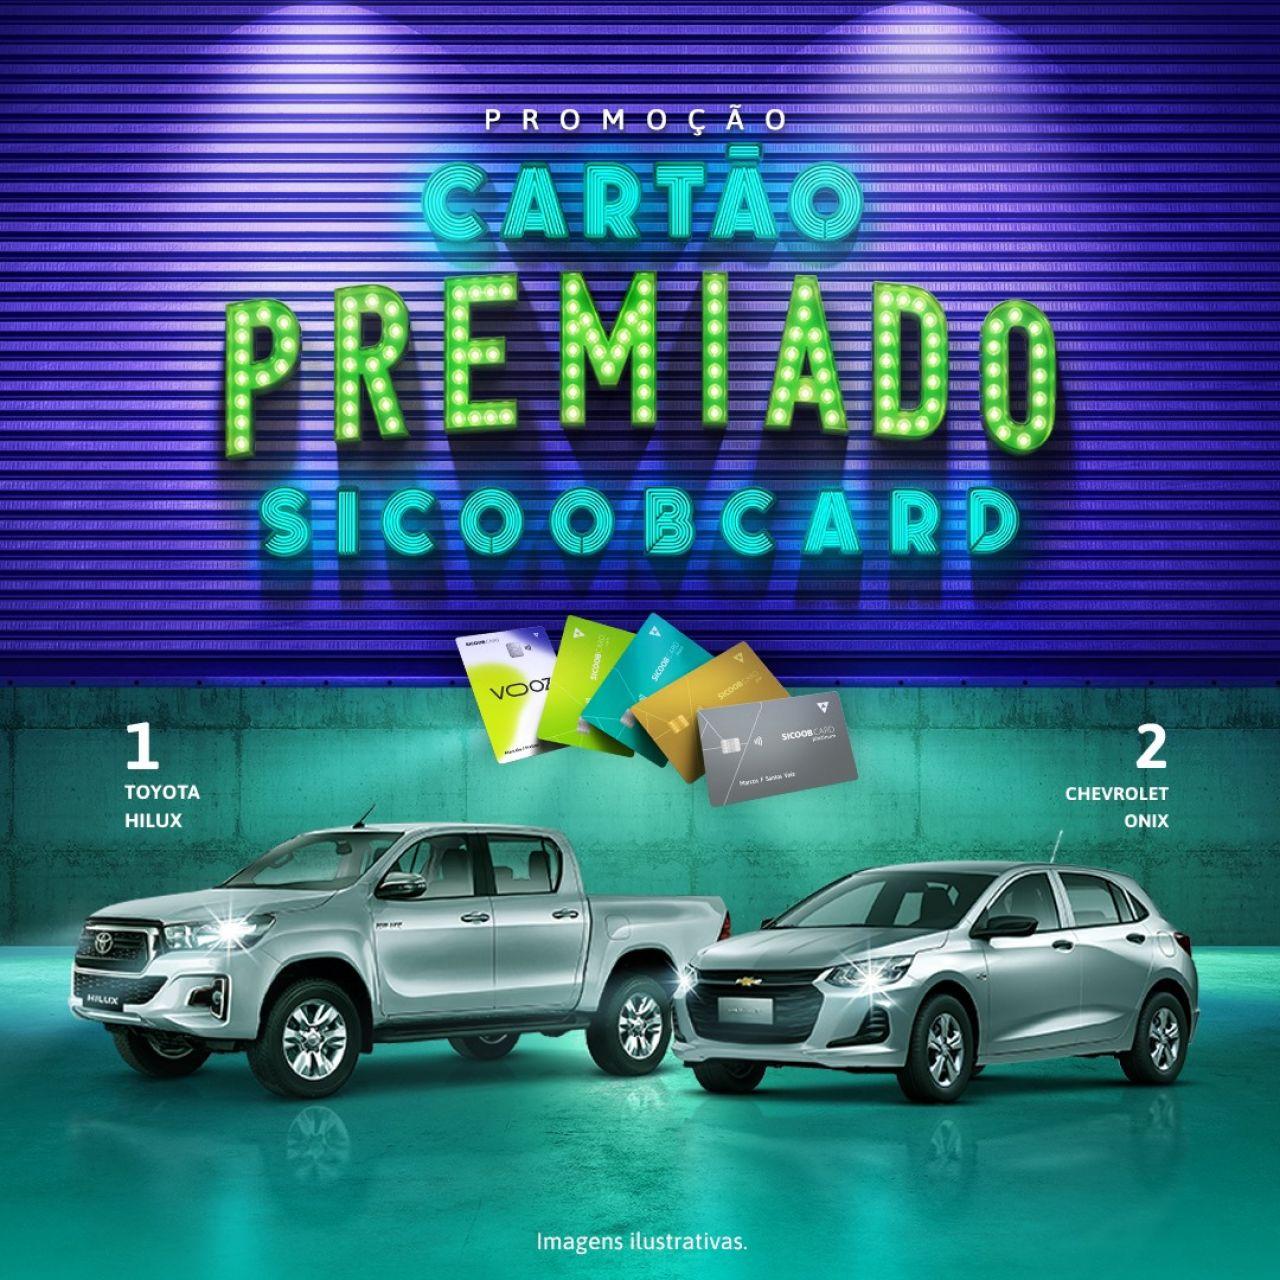 Cooperados Credipatos concorrem a automóveis 0 Km com a promoção Cartão Premiado Sicoob card